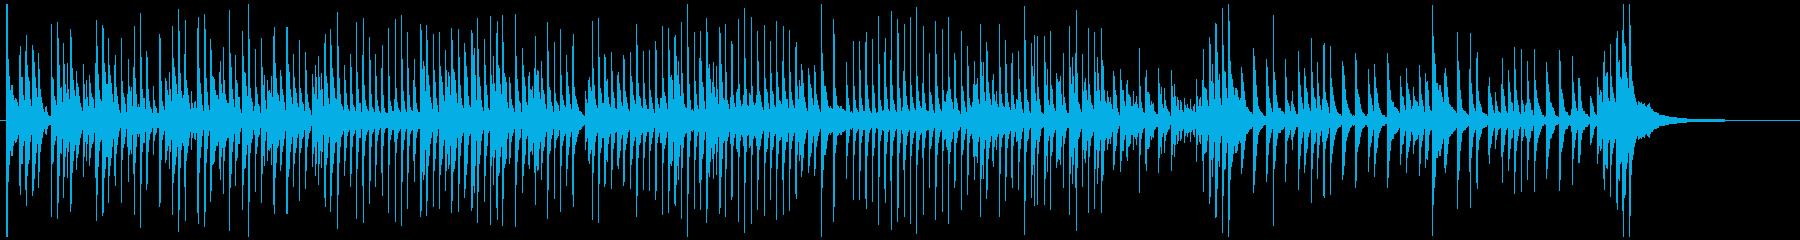 津軽三味線ソロ-J、激しい、疾走、声なしの再生済みの波形